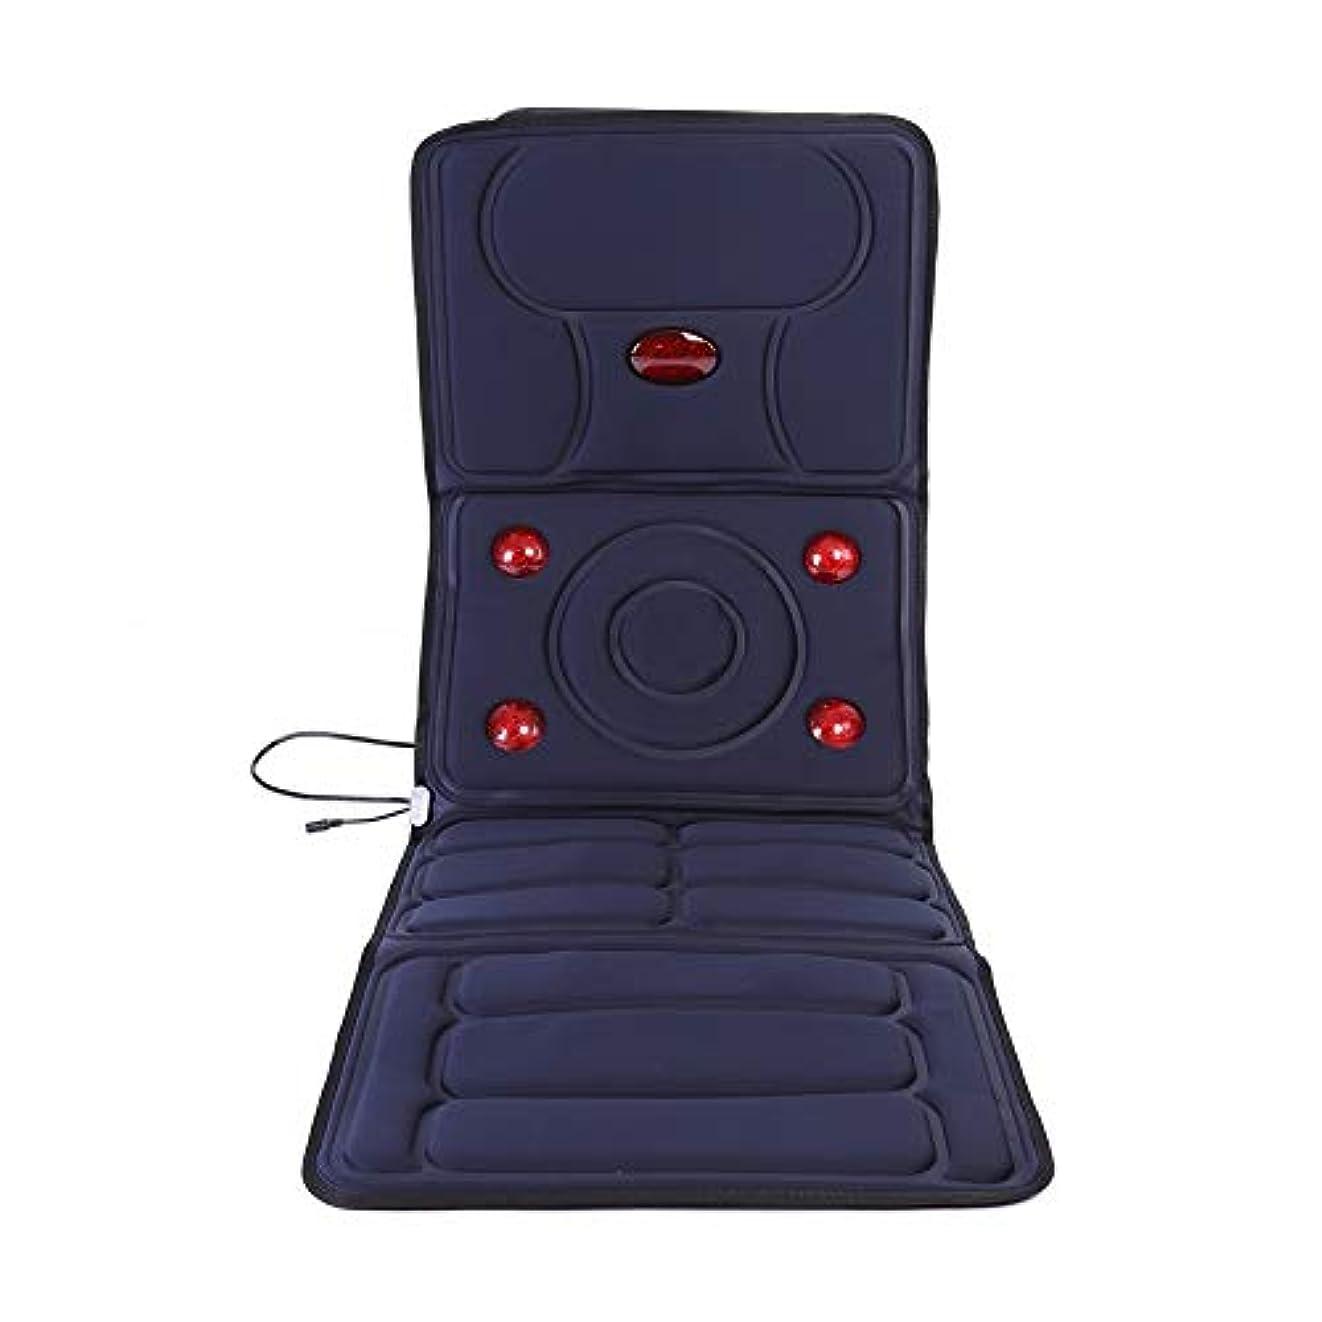 換気アンケート防衛マッサージマットレス、マッサージ機、バイブレーションマッサージマット、マッサージクッション、首、肩、腰、太もも、全身マッサージ、折り畳みが可能、電動マッサージ器